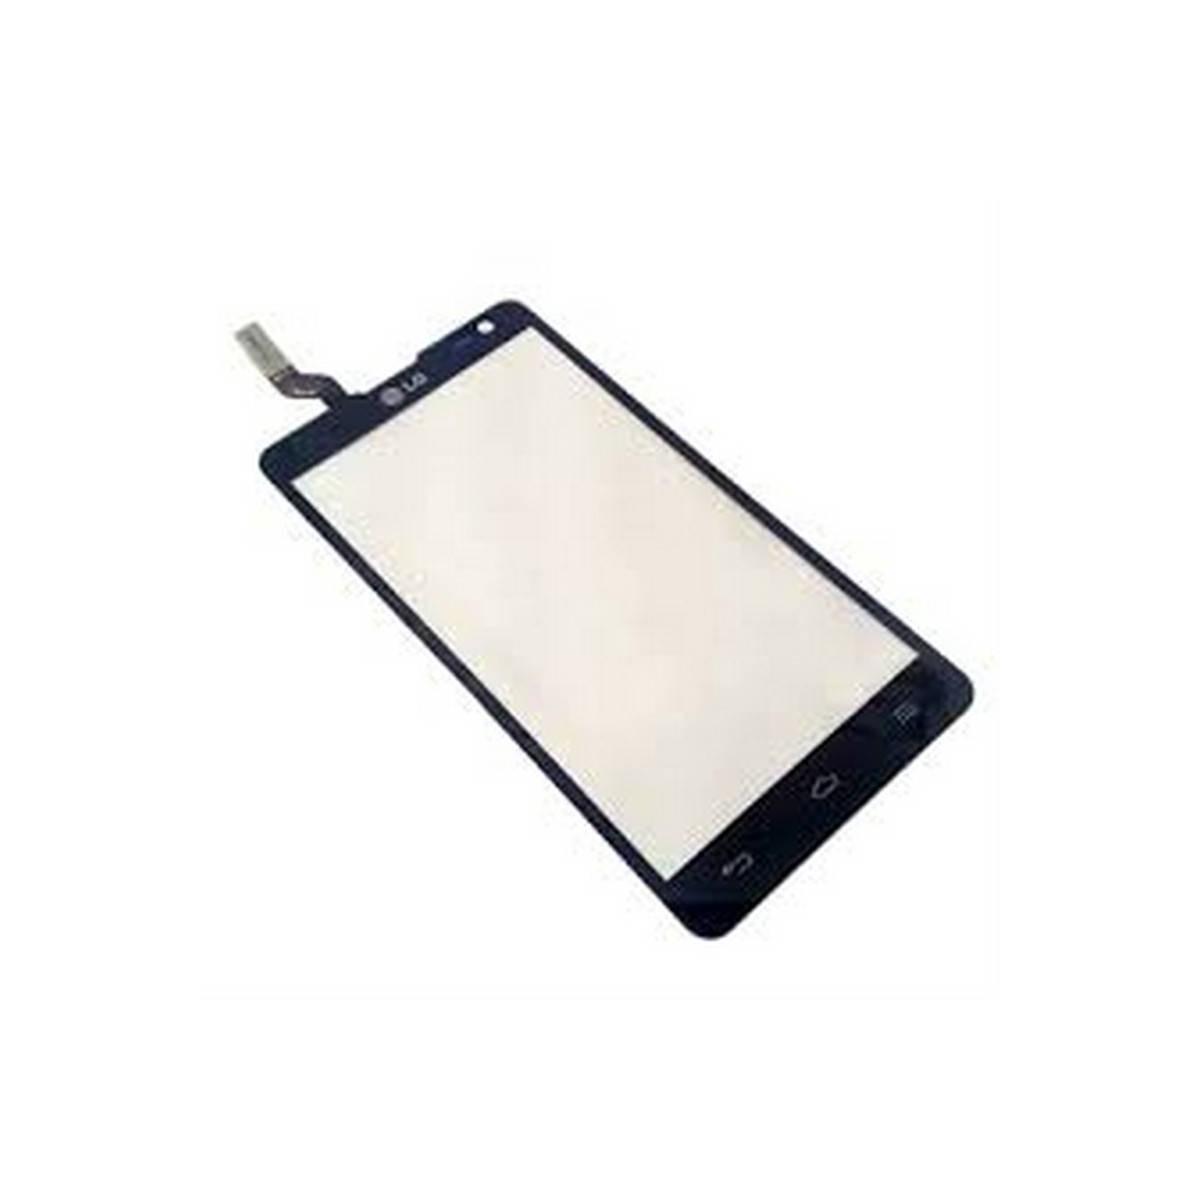 ecrã tactil LG L9 II D605 preta